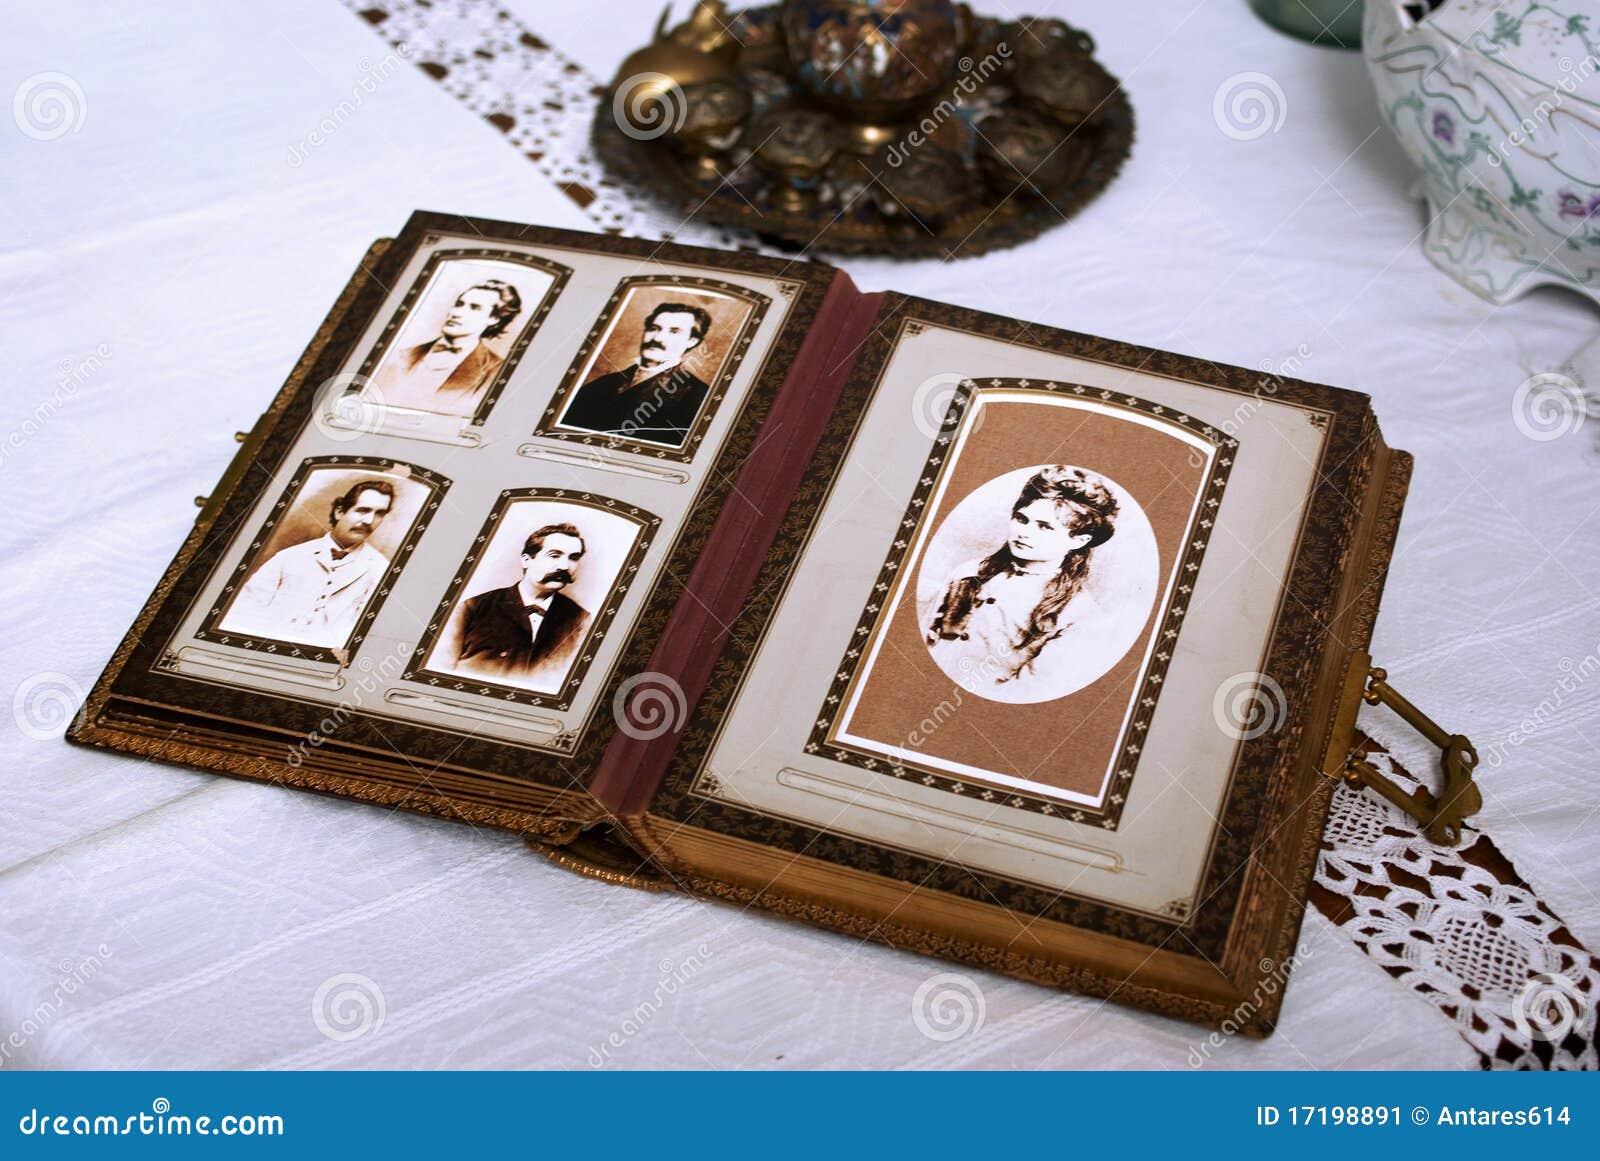 photo album vintage - Ideal.vistalist.co